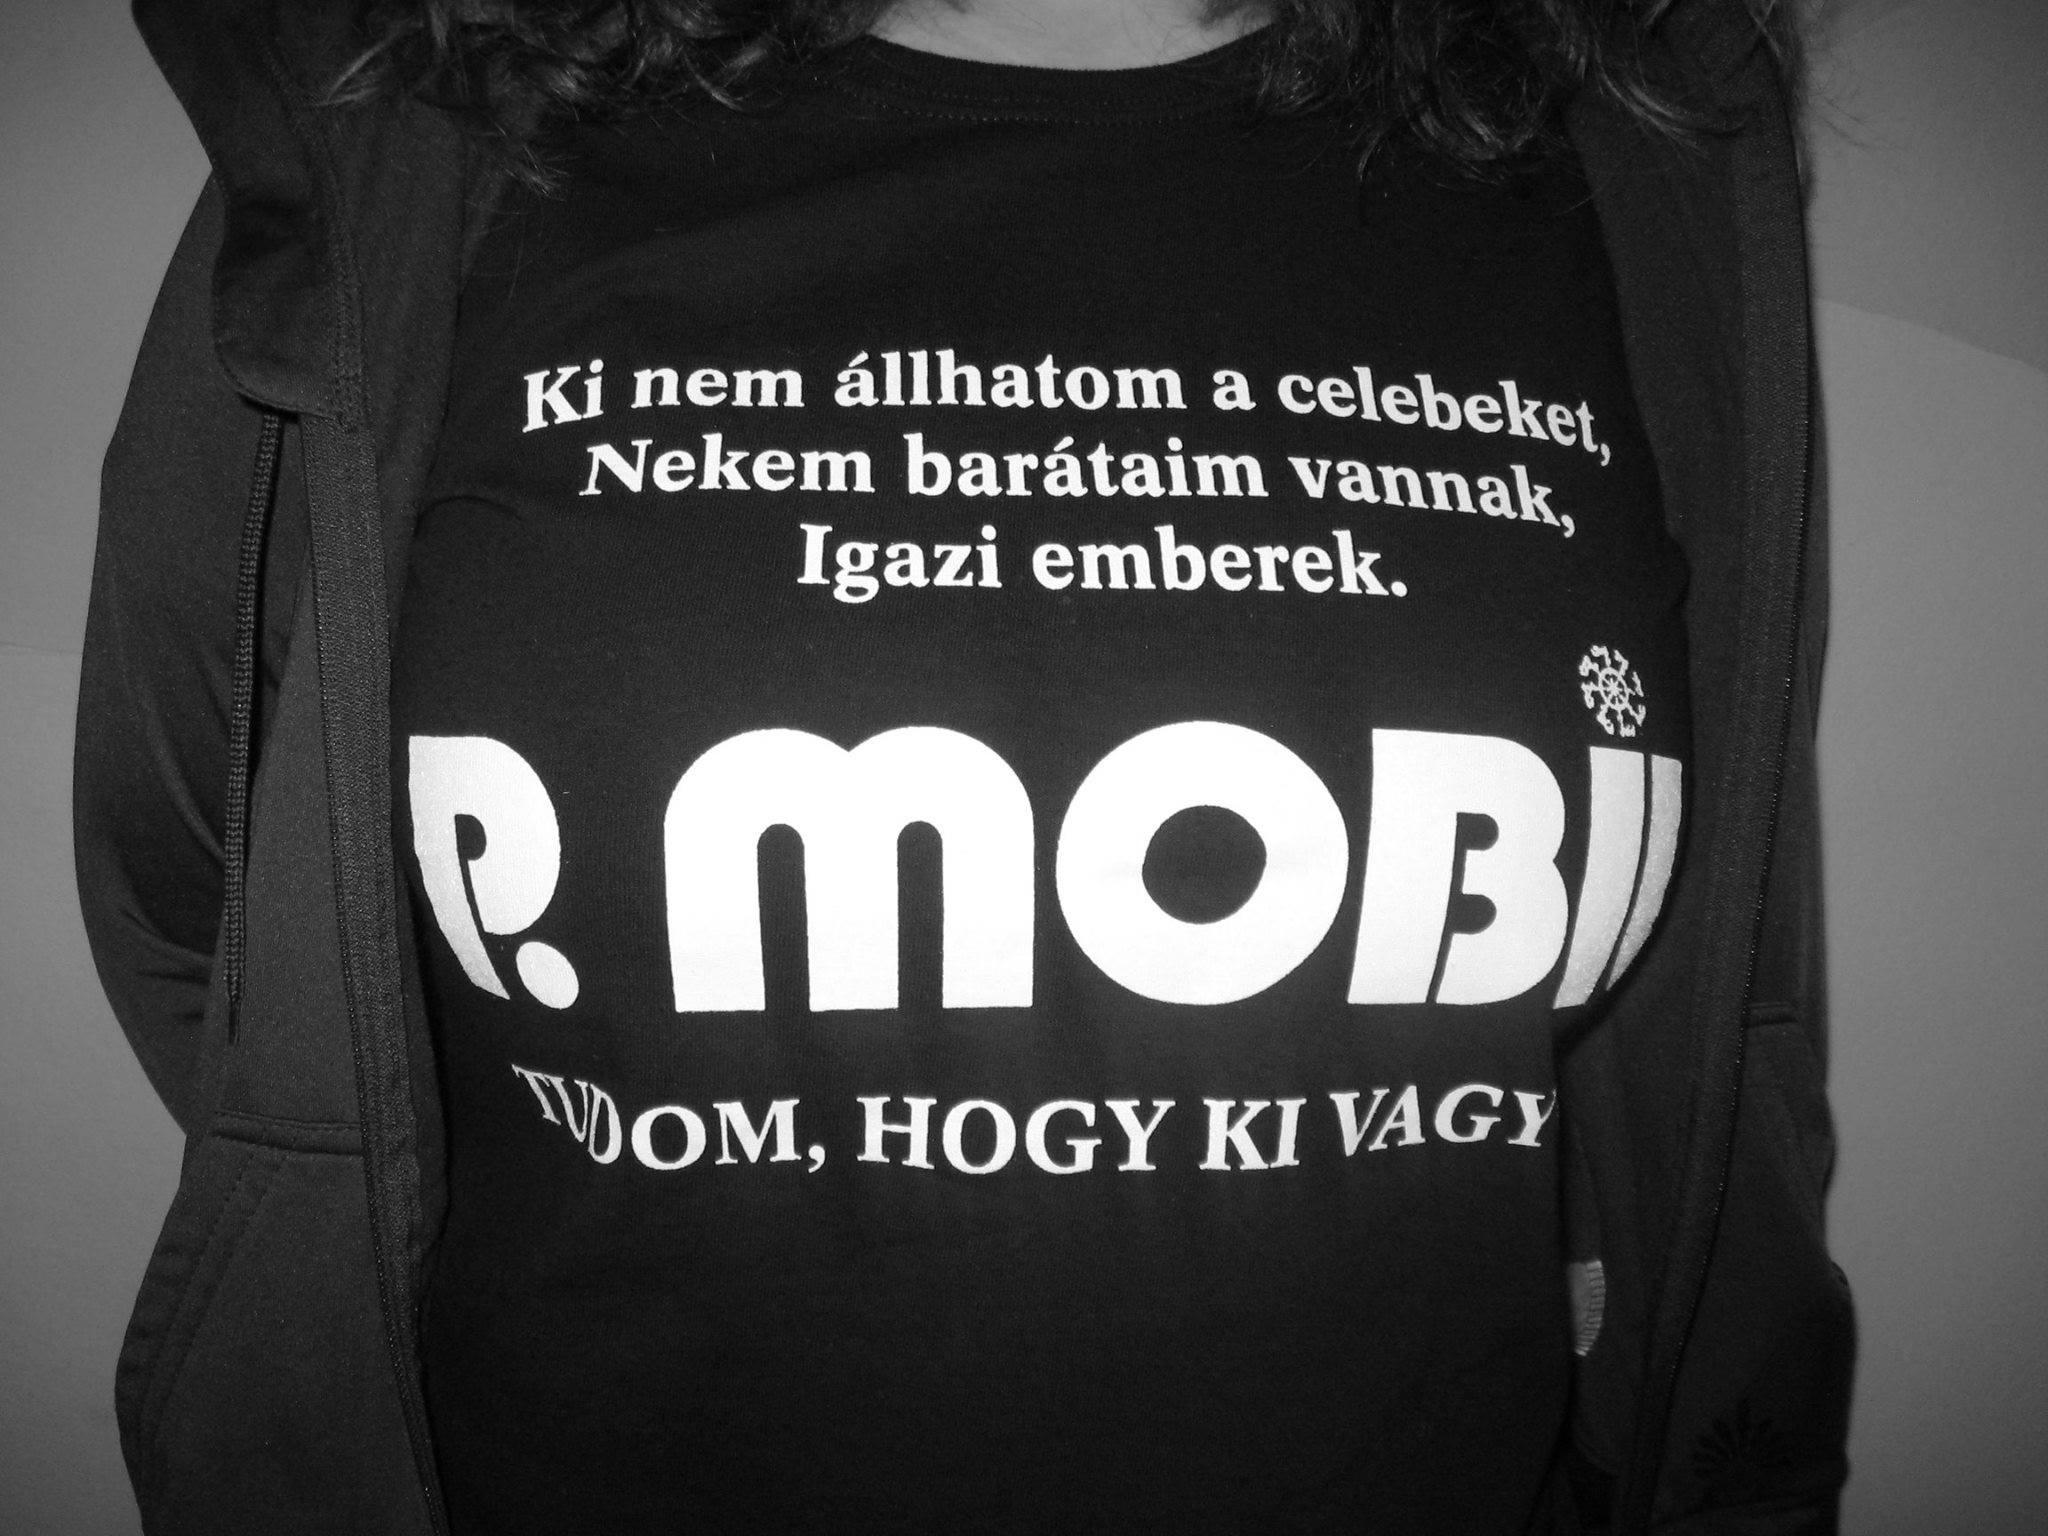 p_mobil_ki_nem_allhatom_a_celebeket.jpg